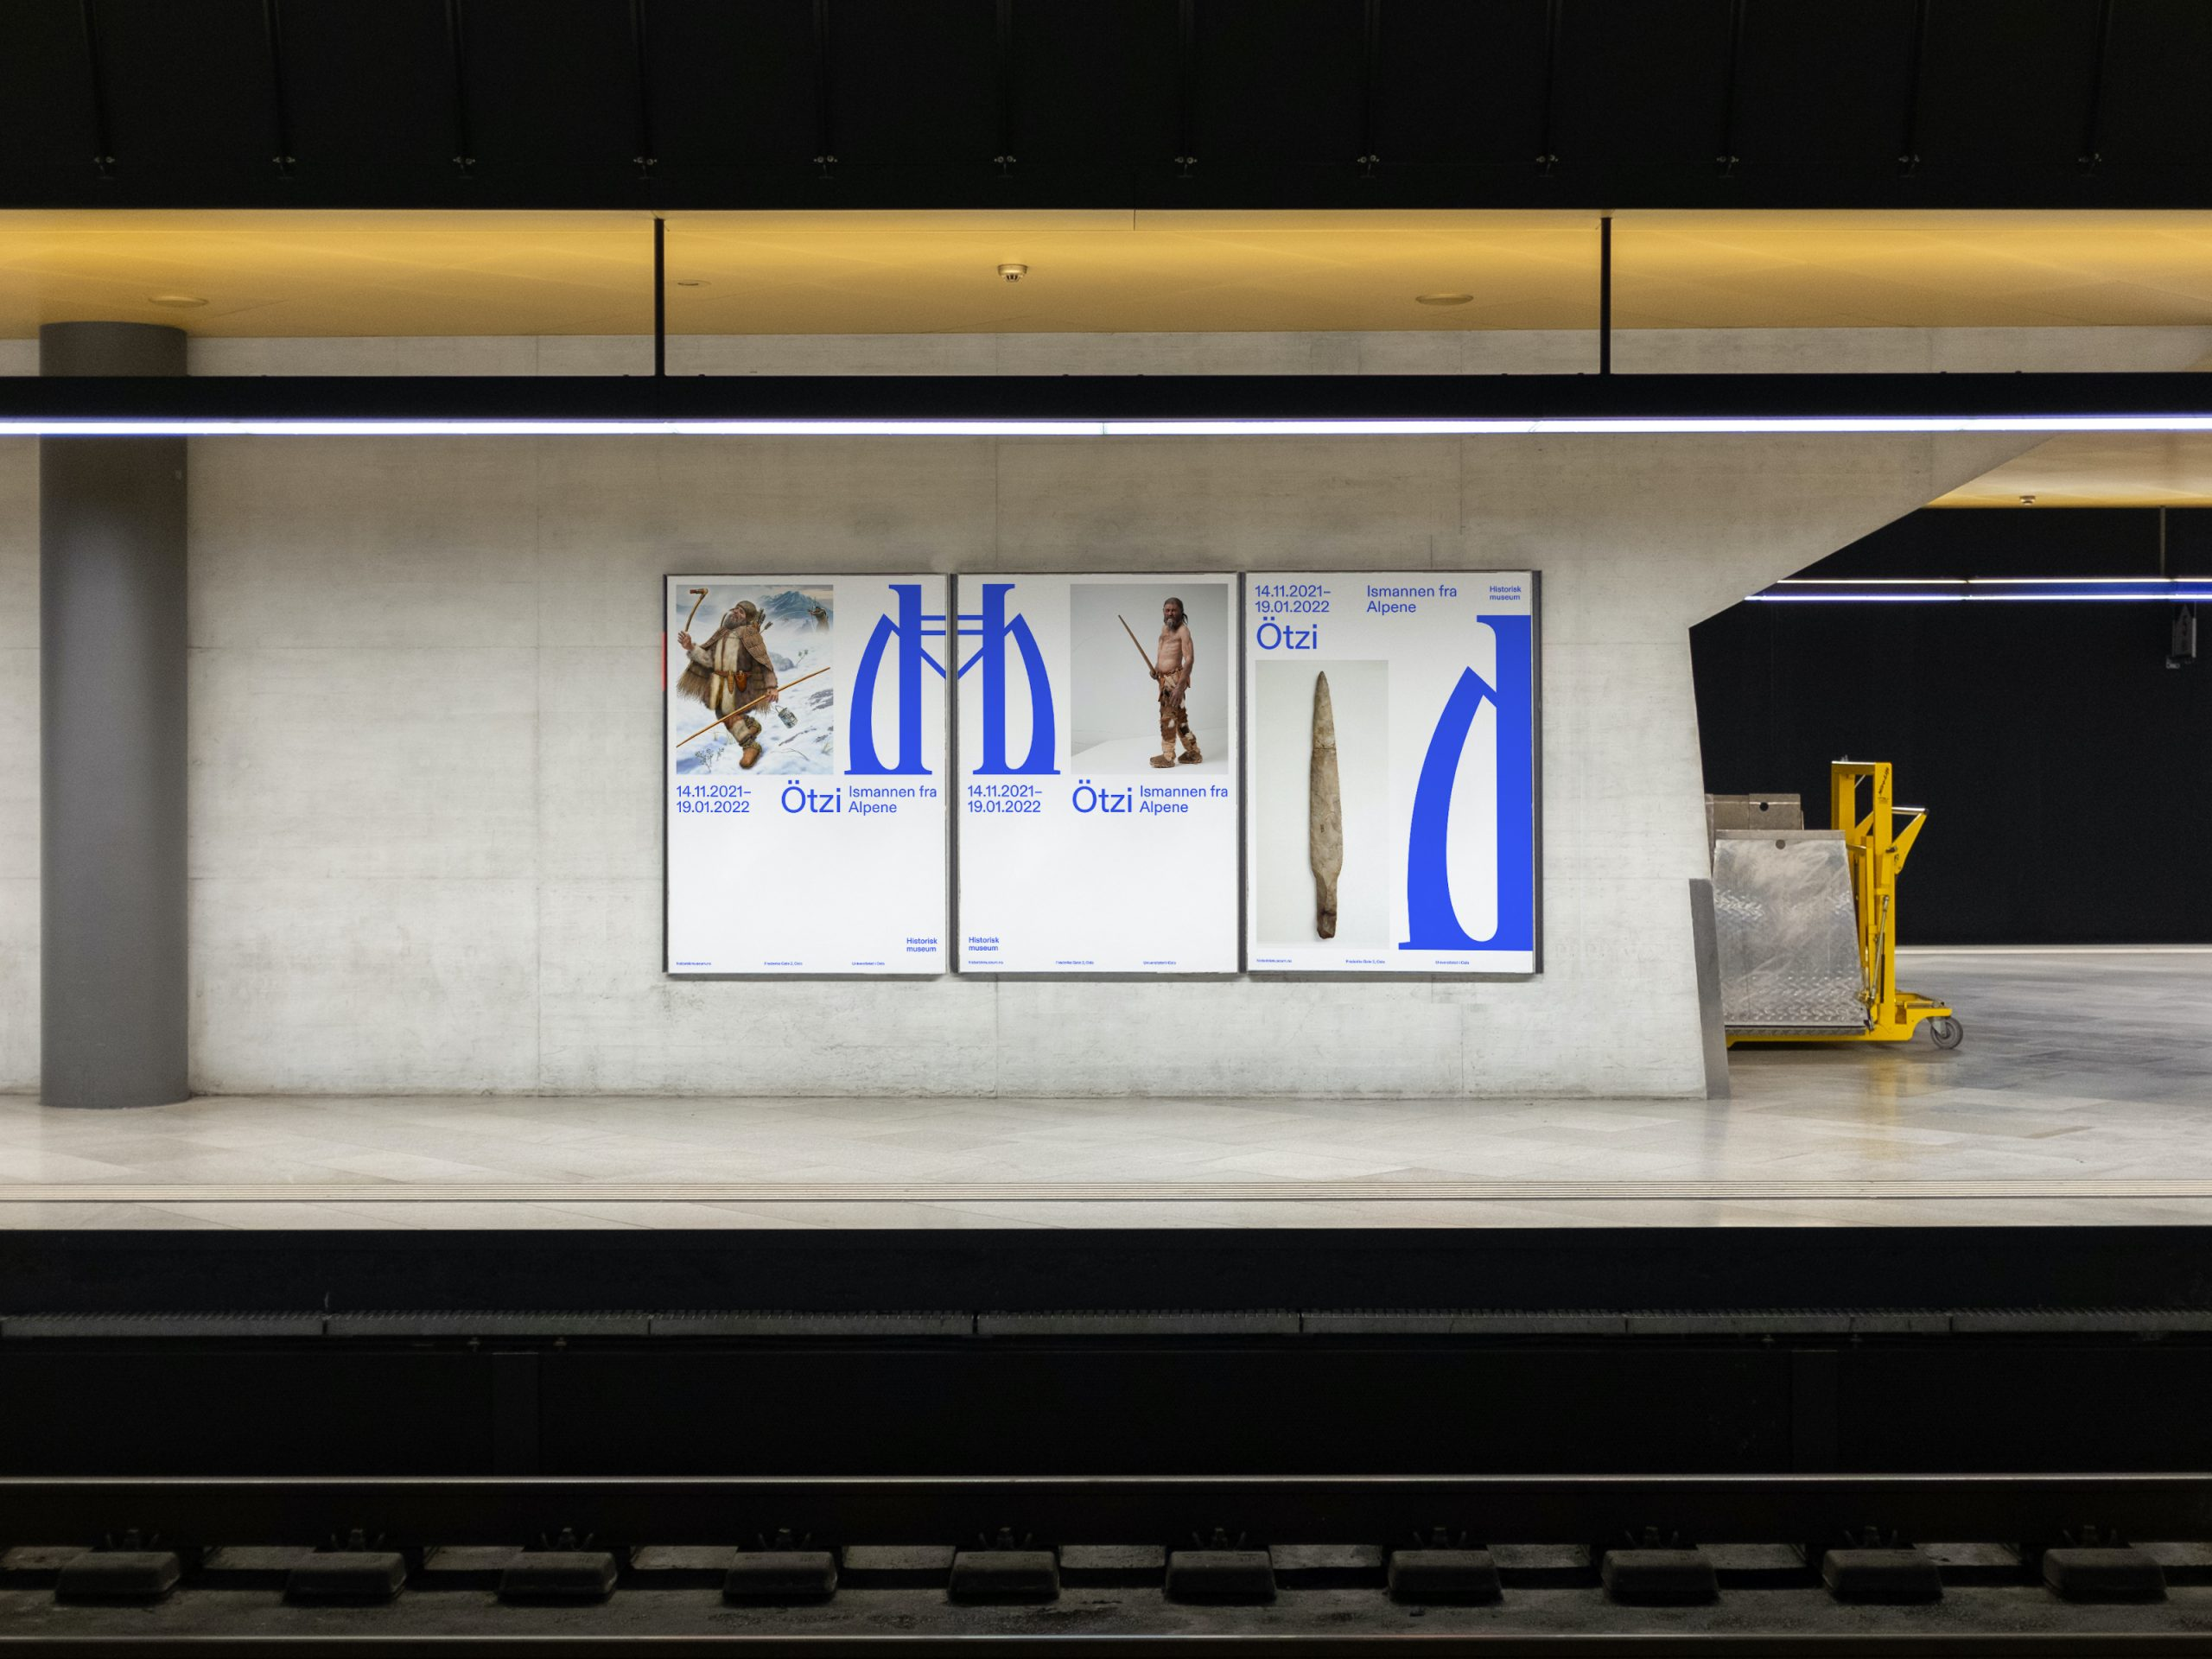 HM_posters_otzi